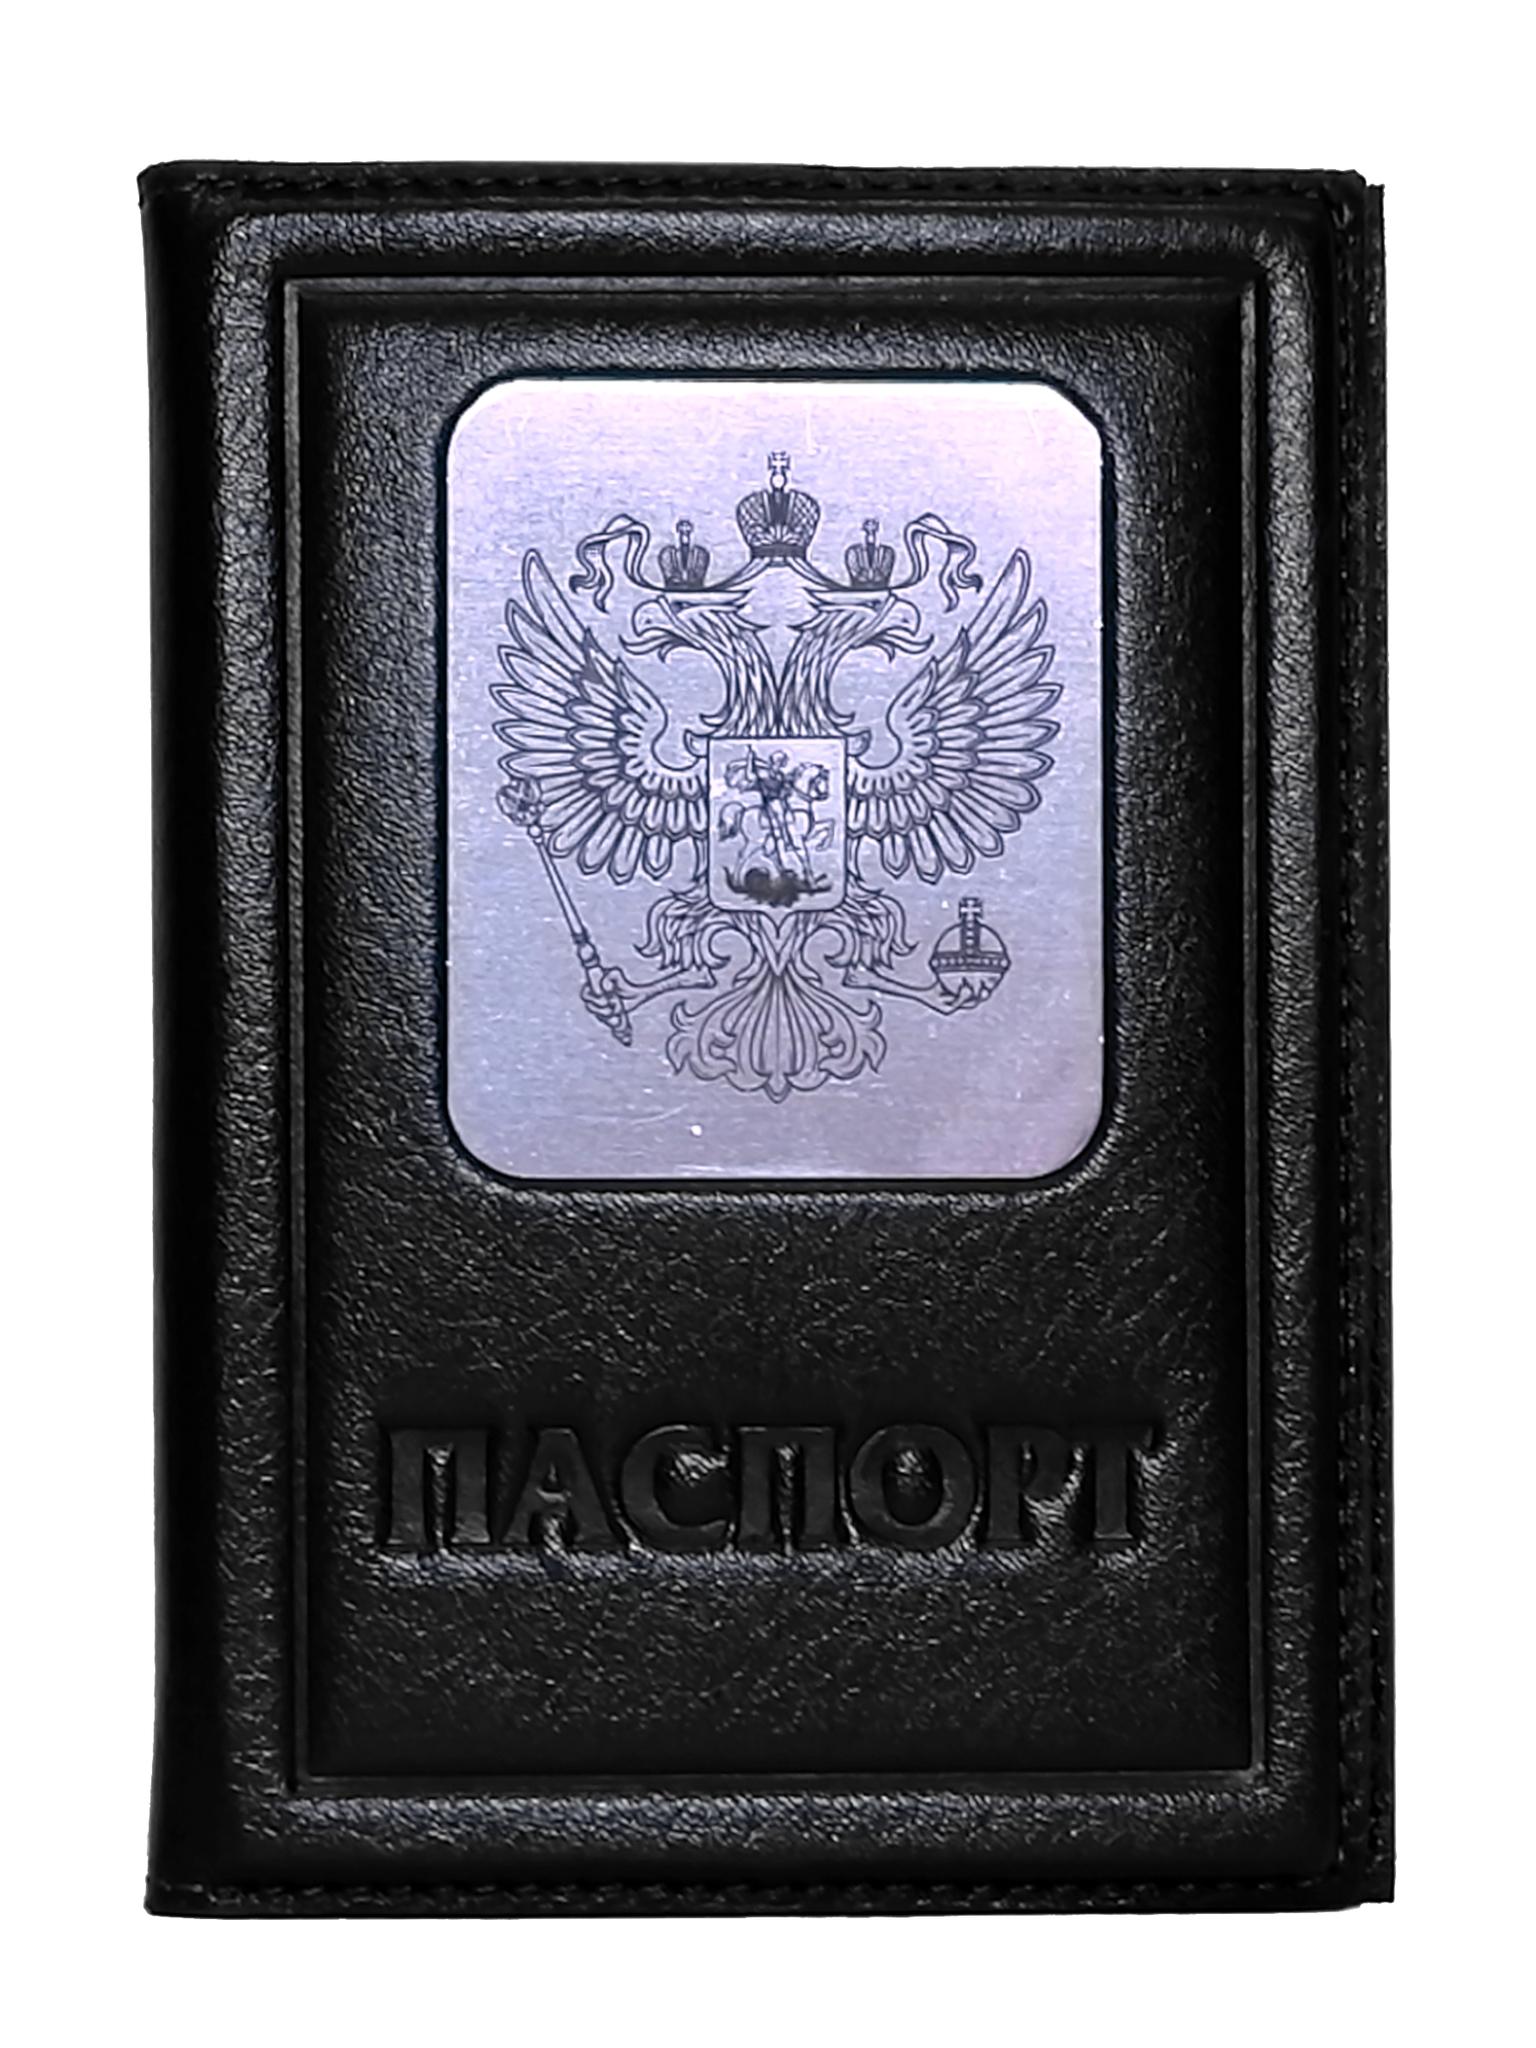 Обложка на паспорт   Герб РФ   Чёрный